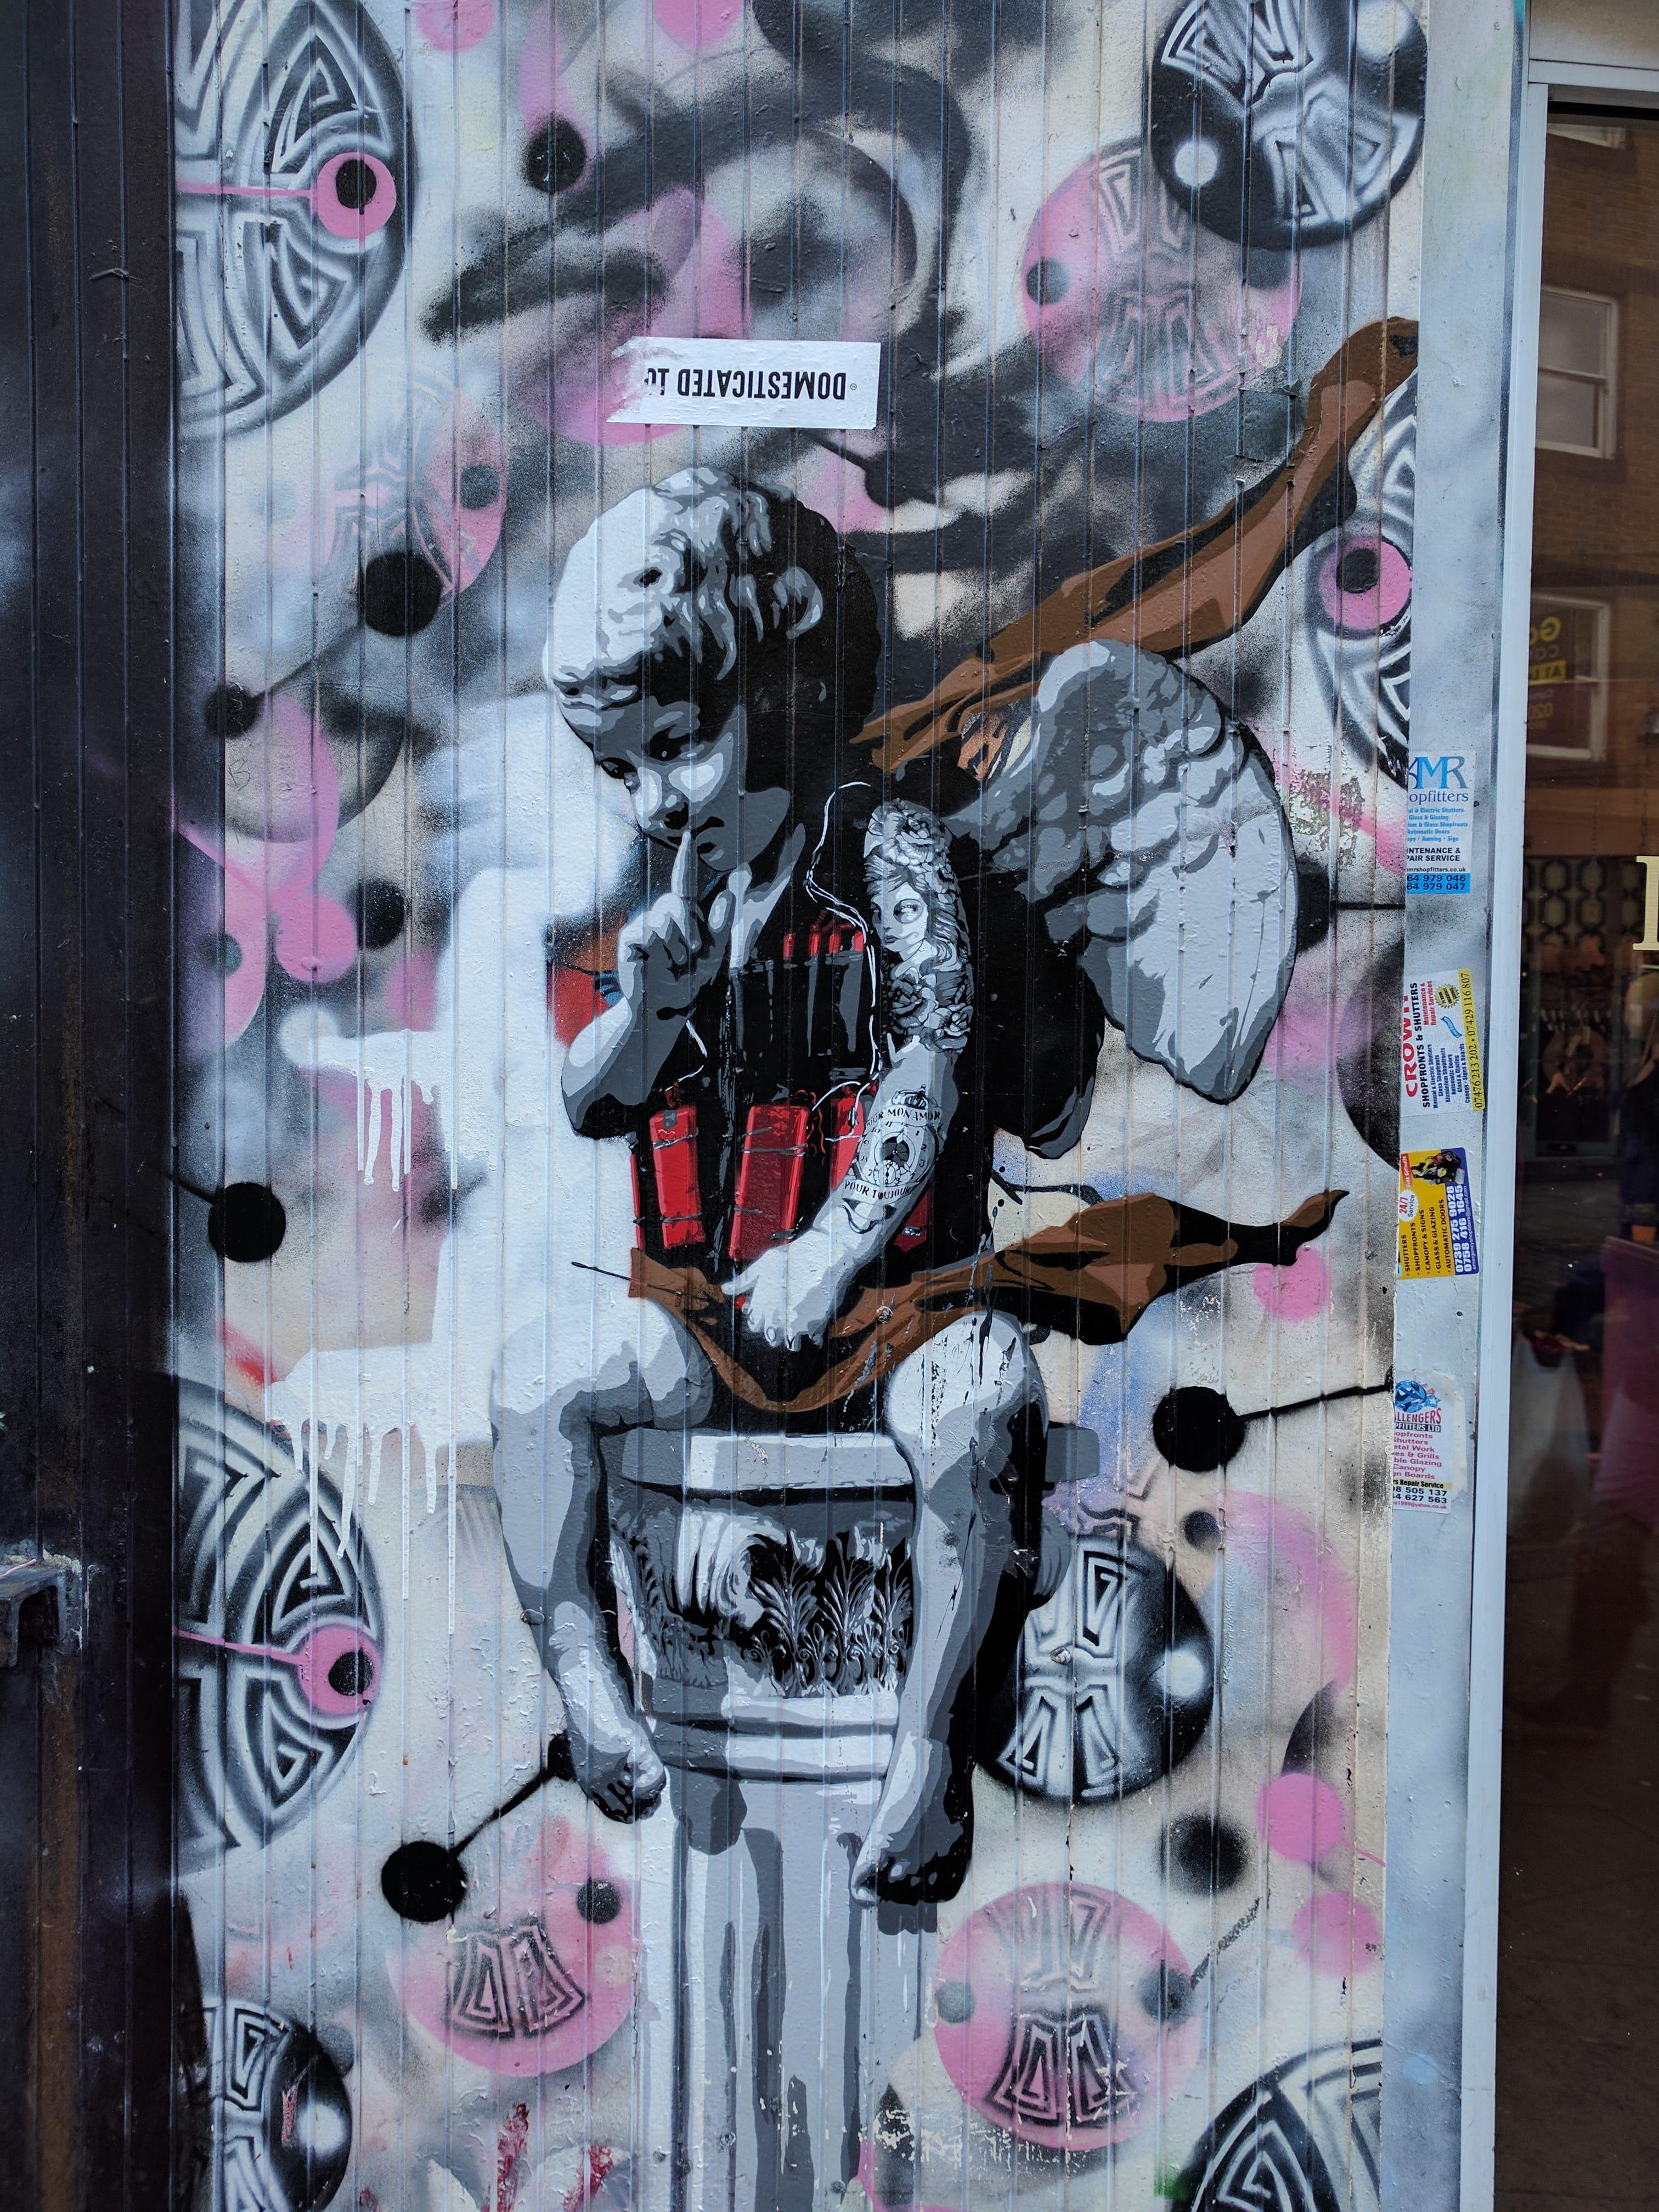 099-graffiti10